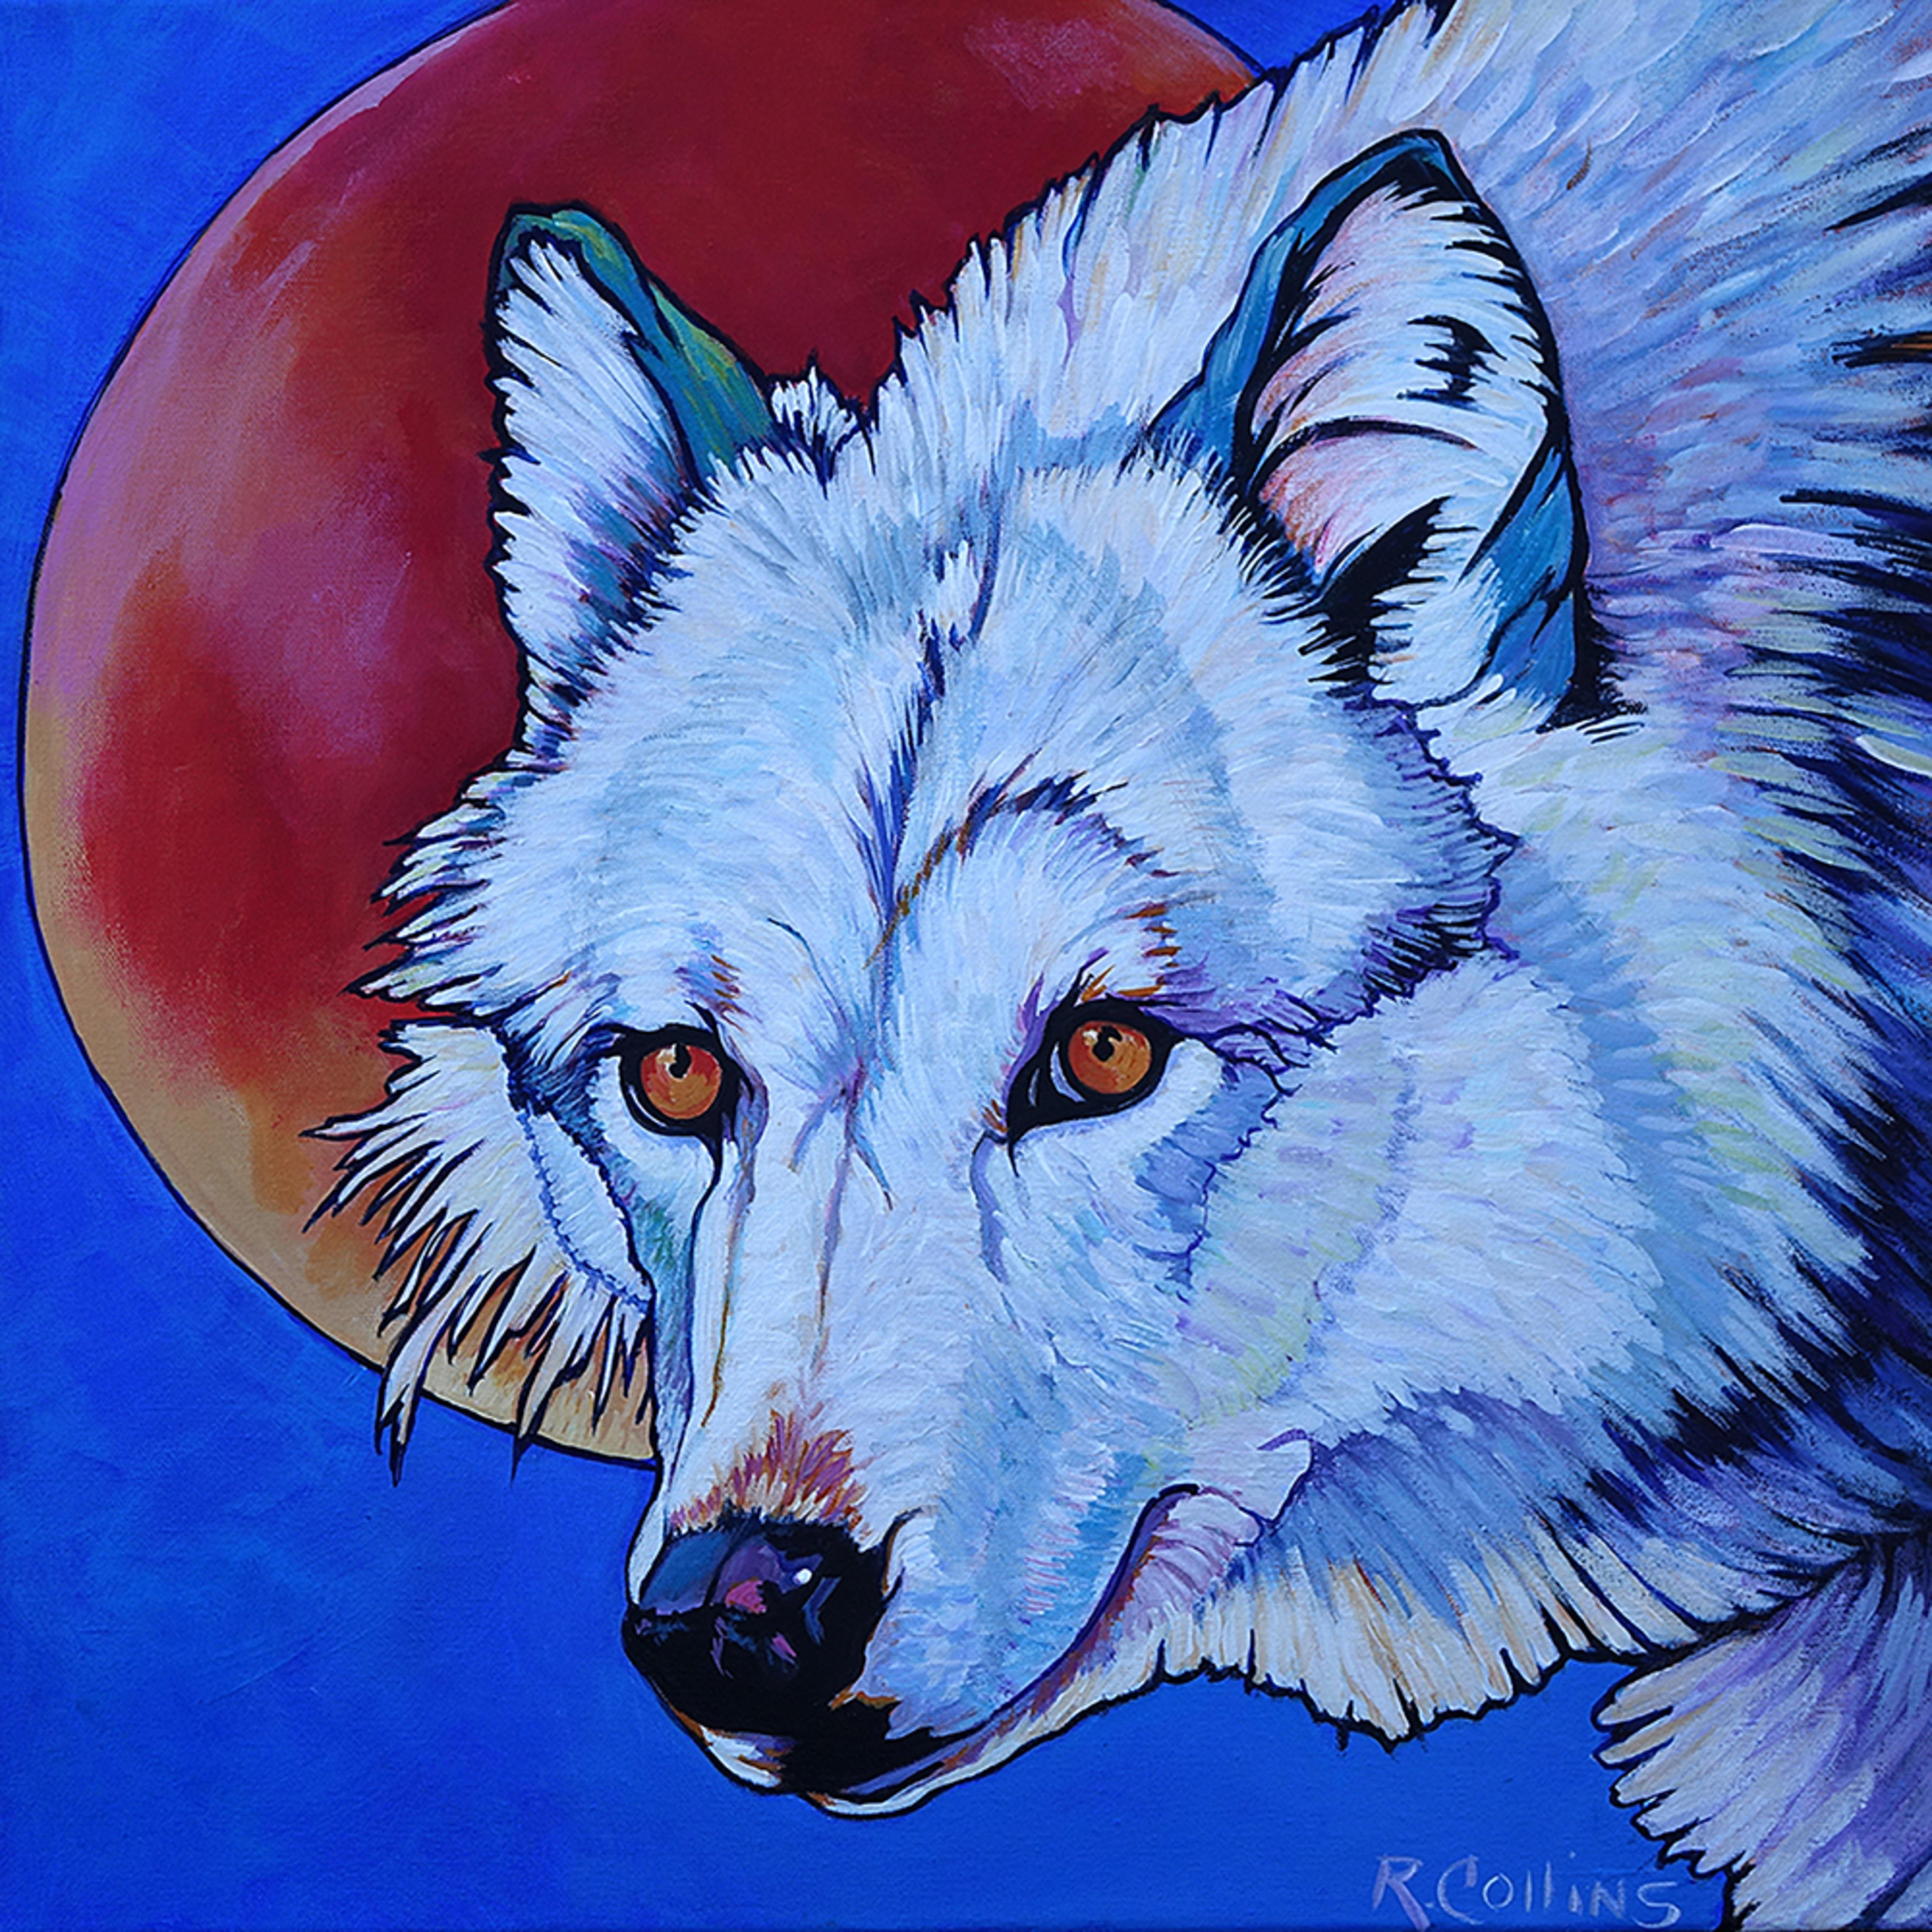 Blood moon rising sokwrt